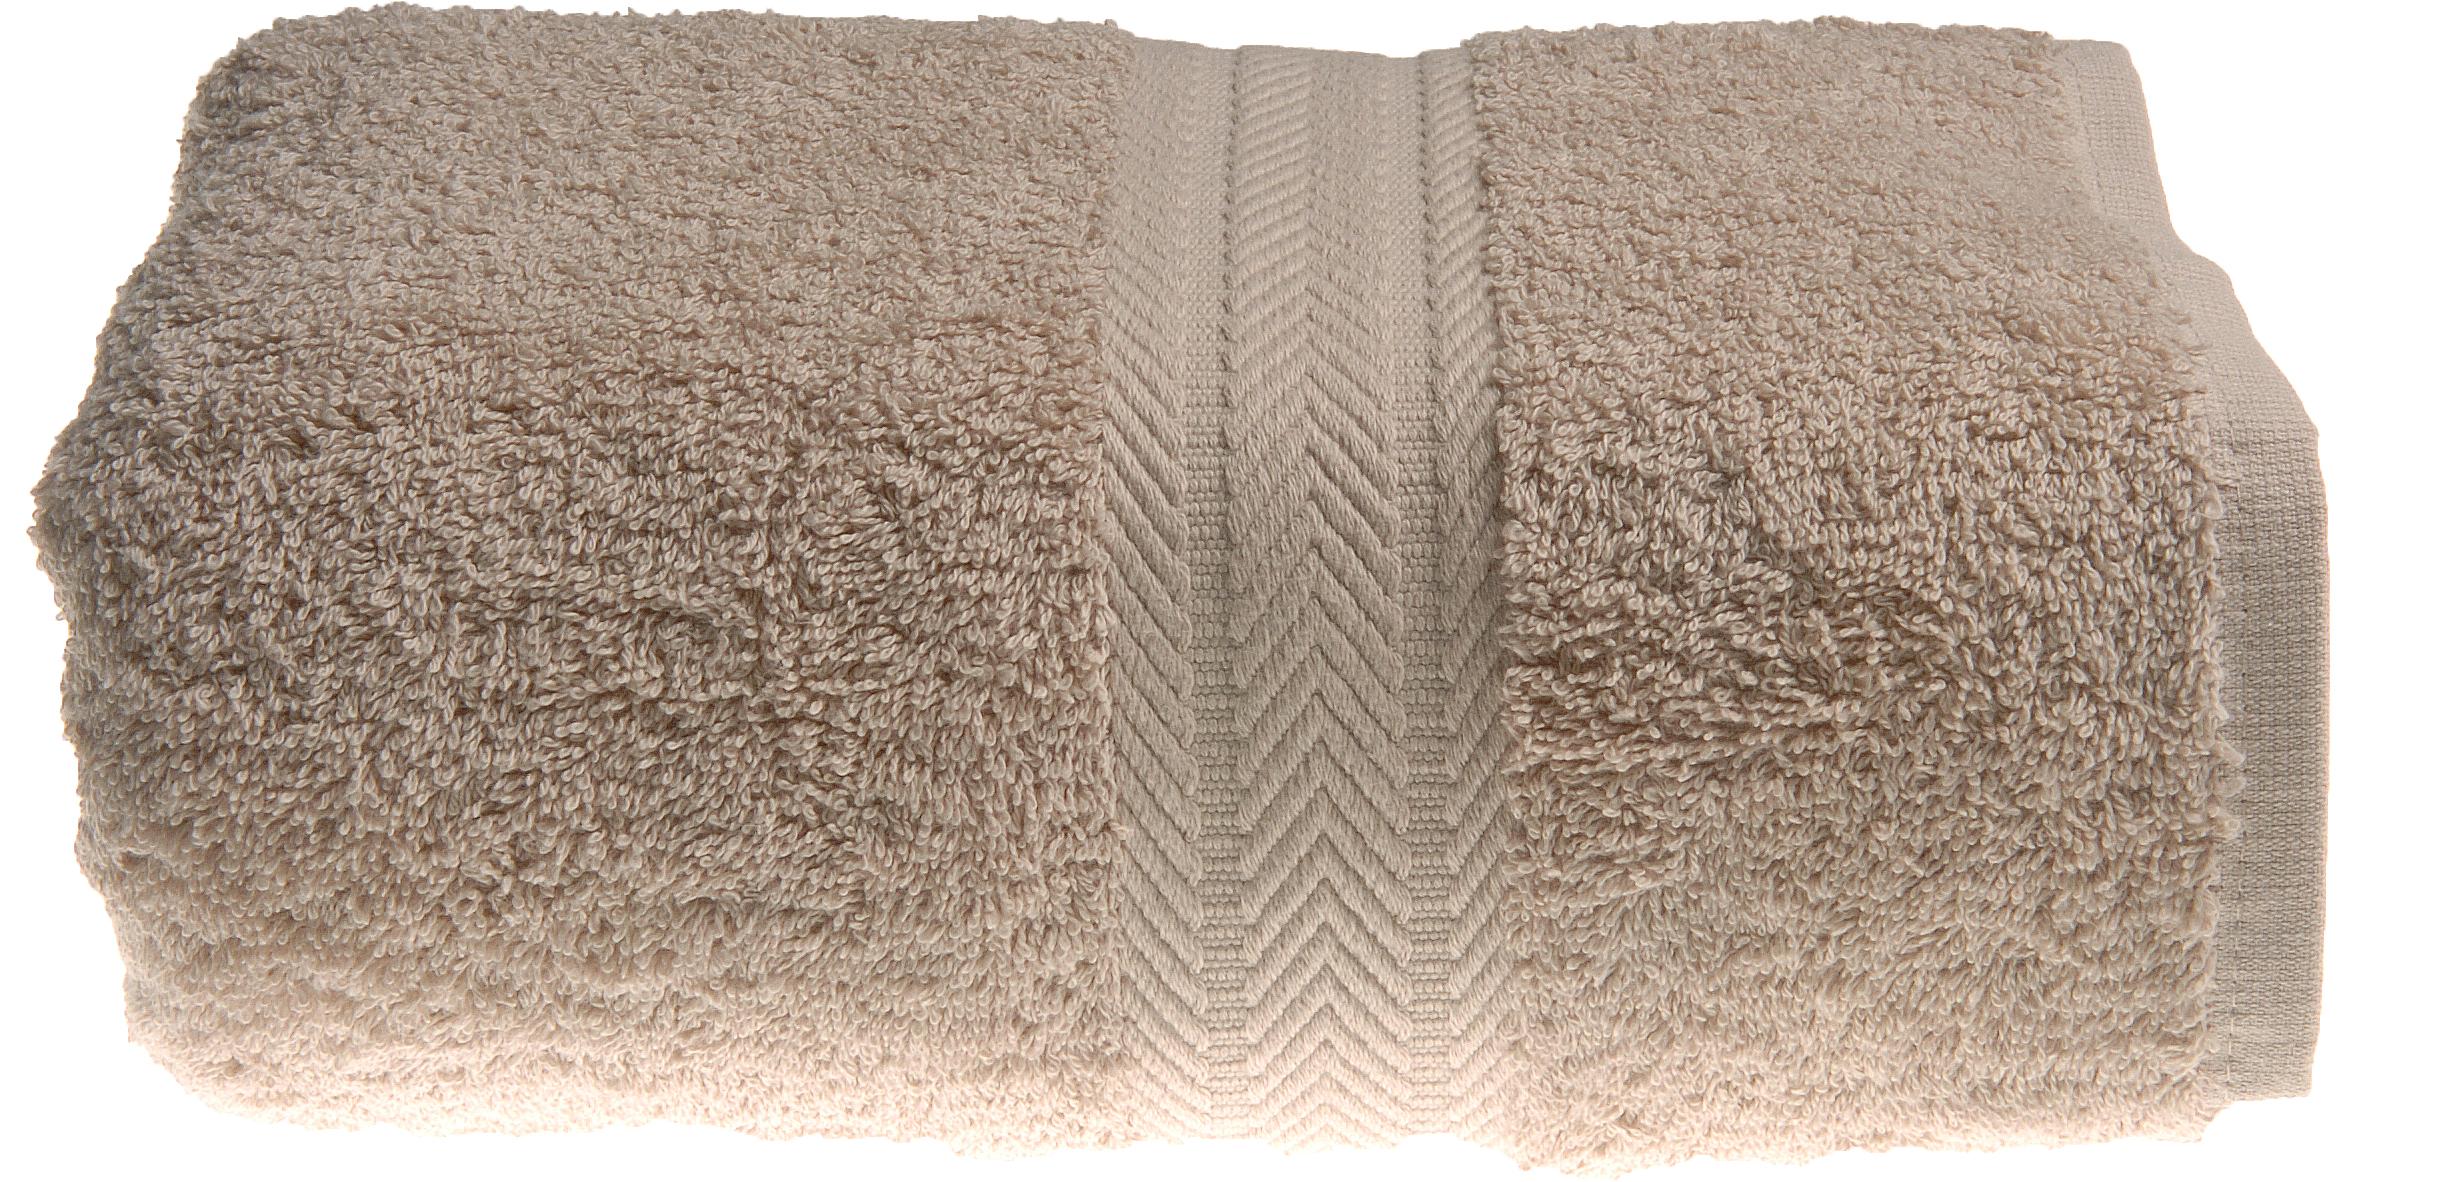 Serviette invitée 30 x 50 cm en Coton couleur Ficelle (Ficelle)